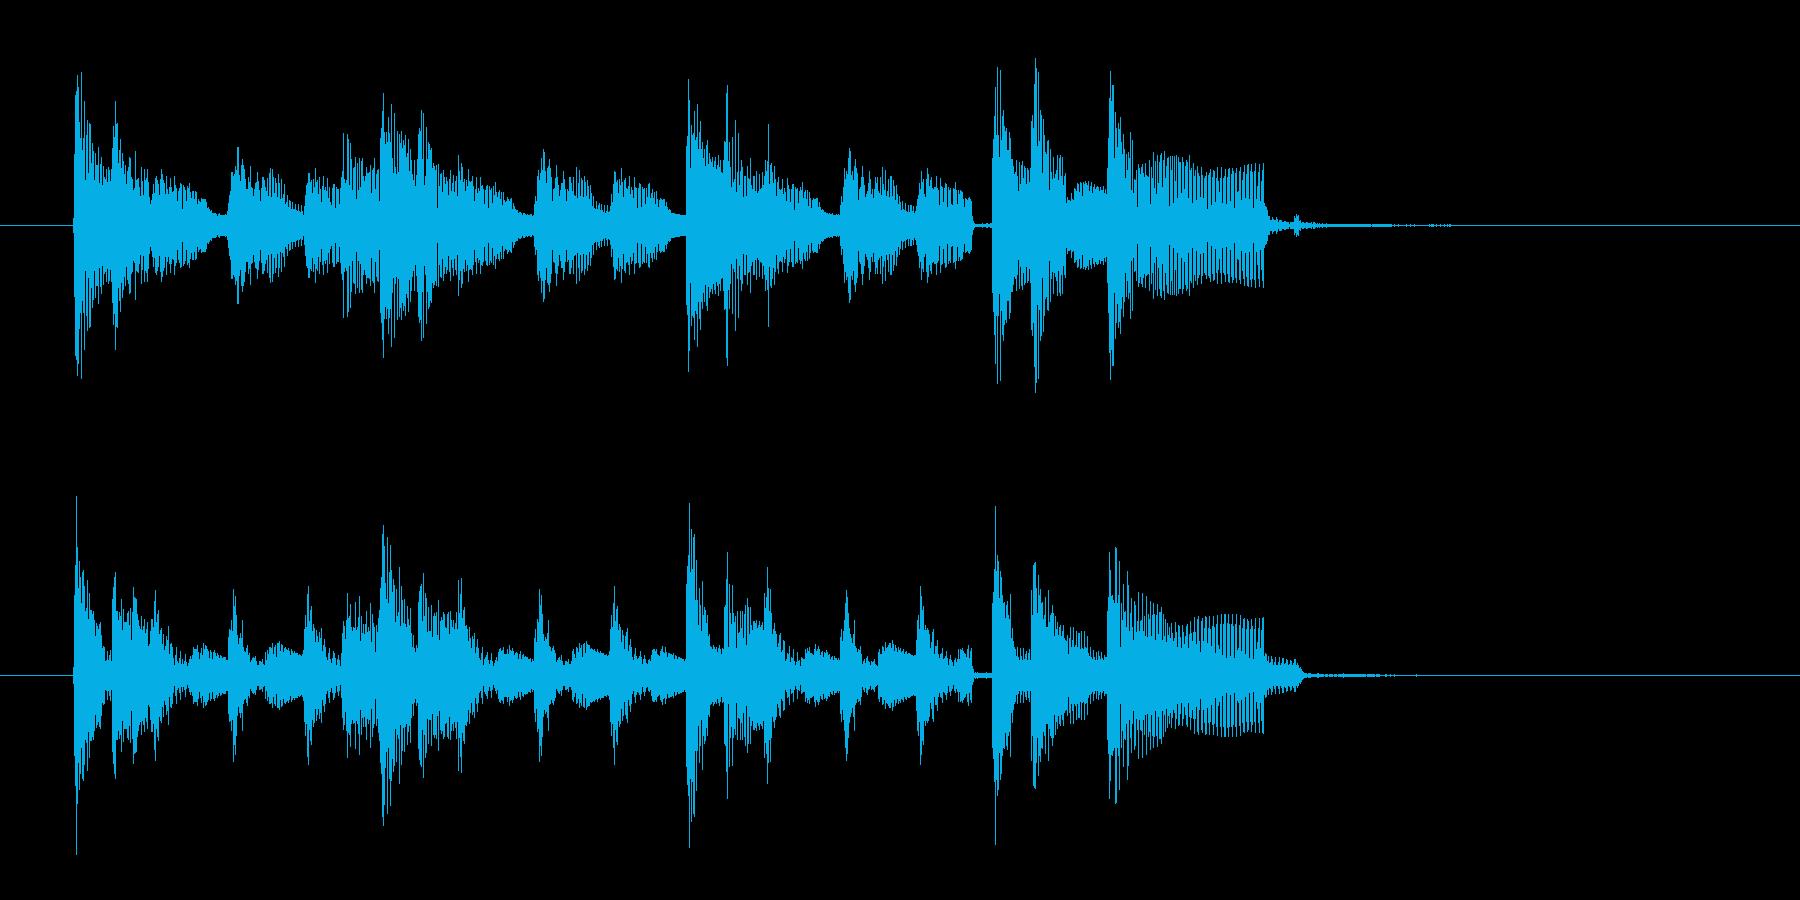 アコギ主体の10秒ブルースジングルの再生済みの波形